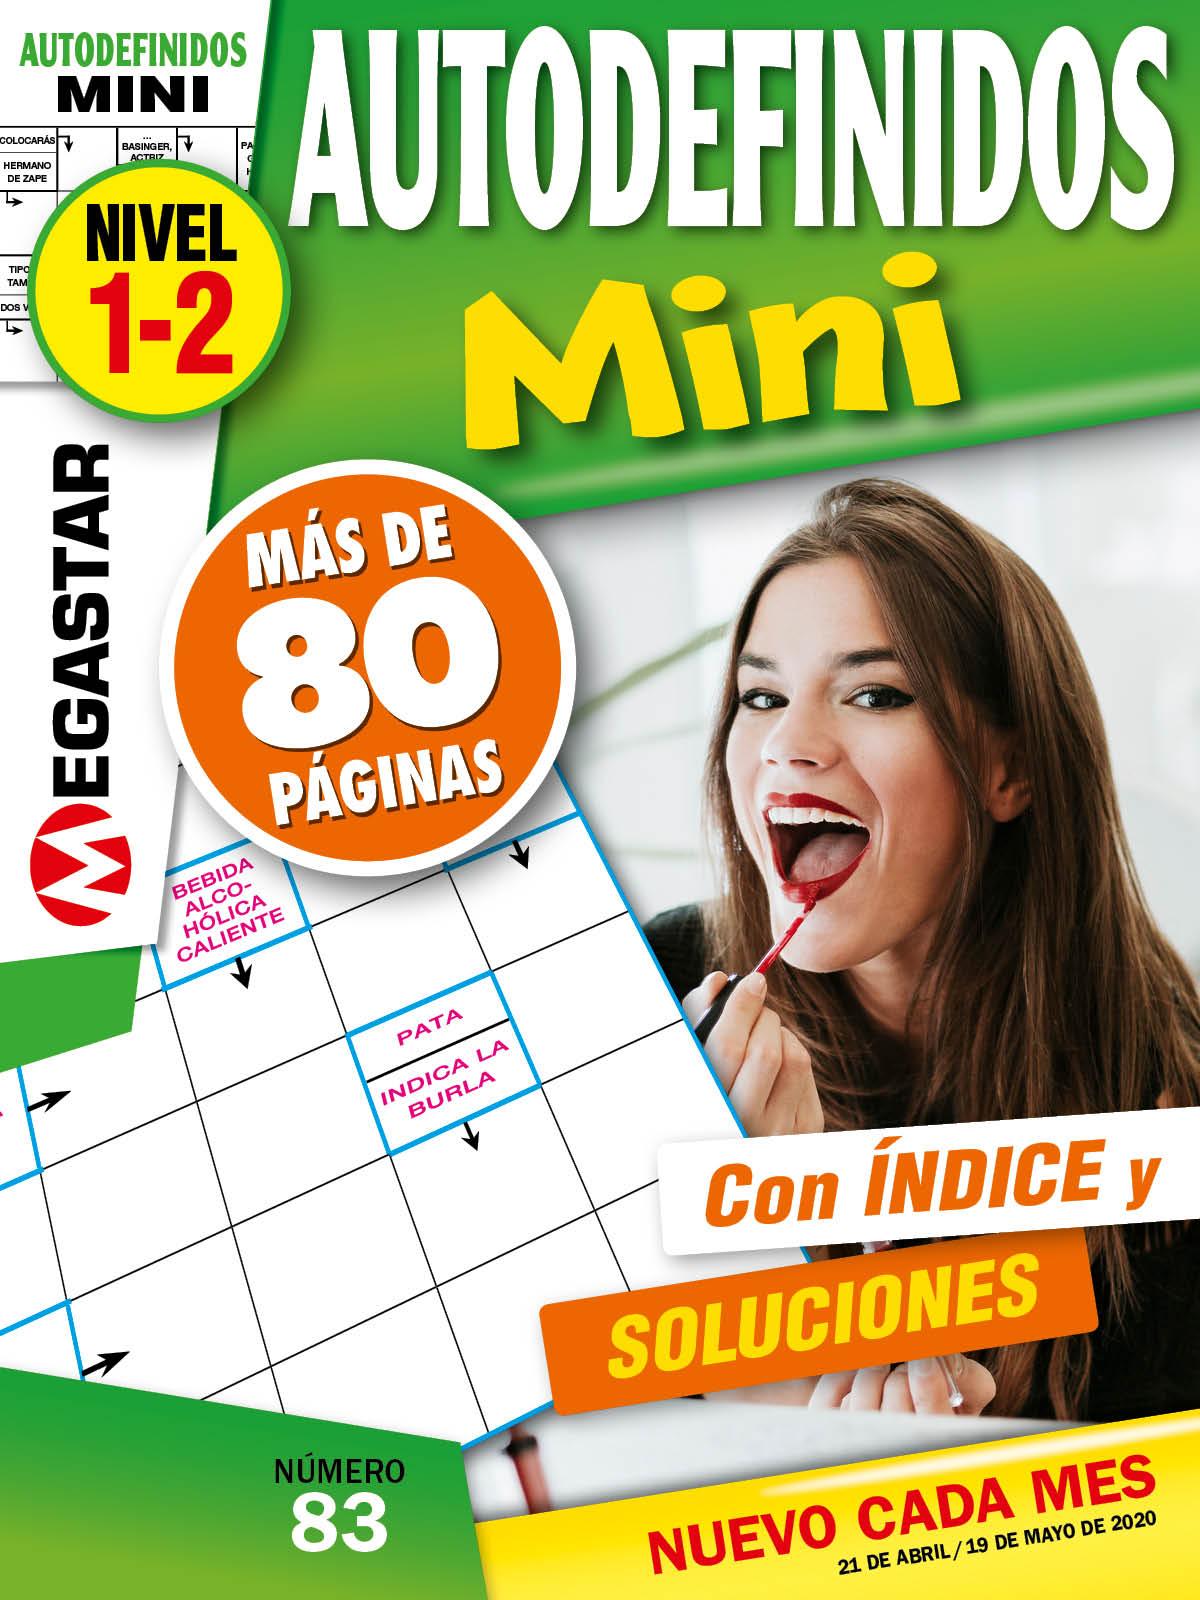 Autodefinidos Mini 1-2